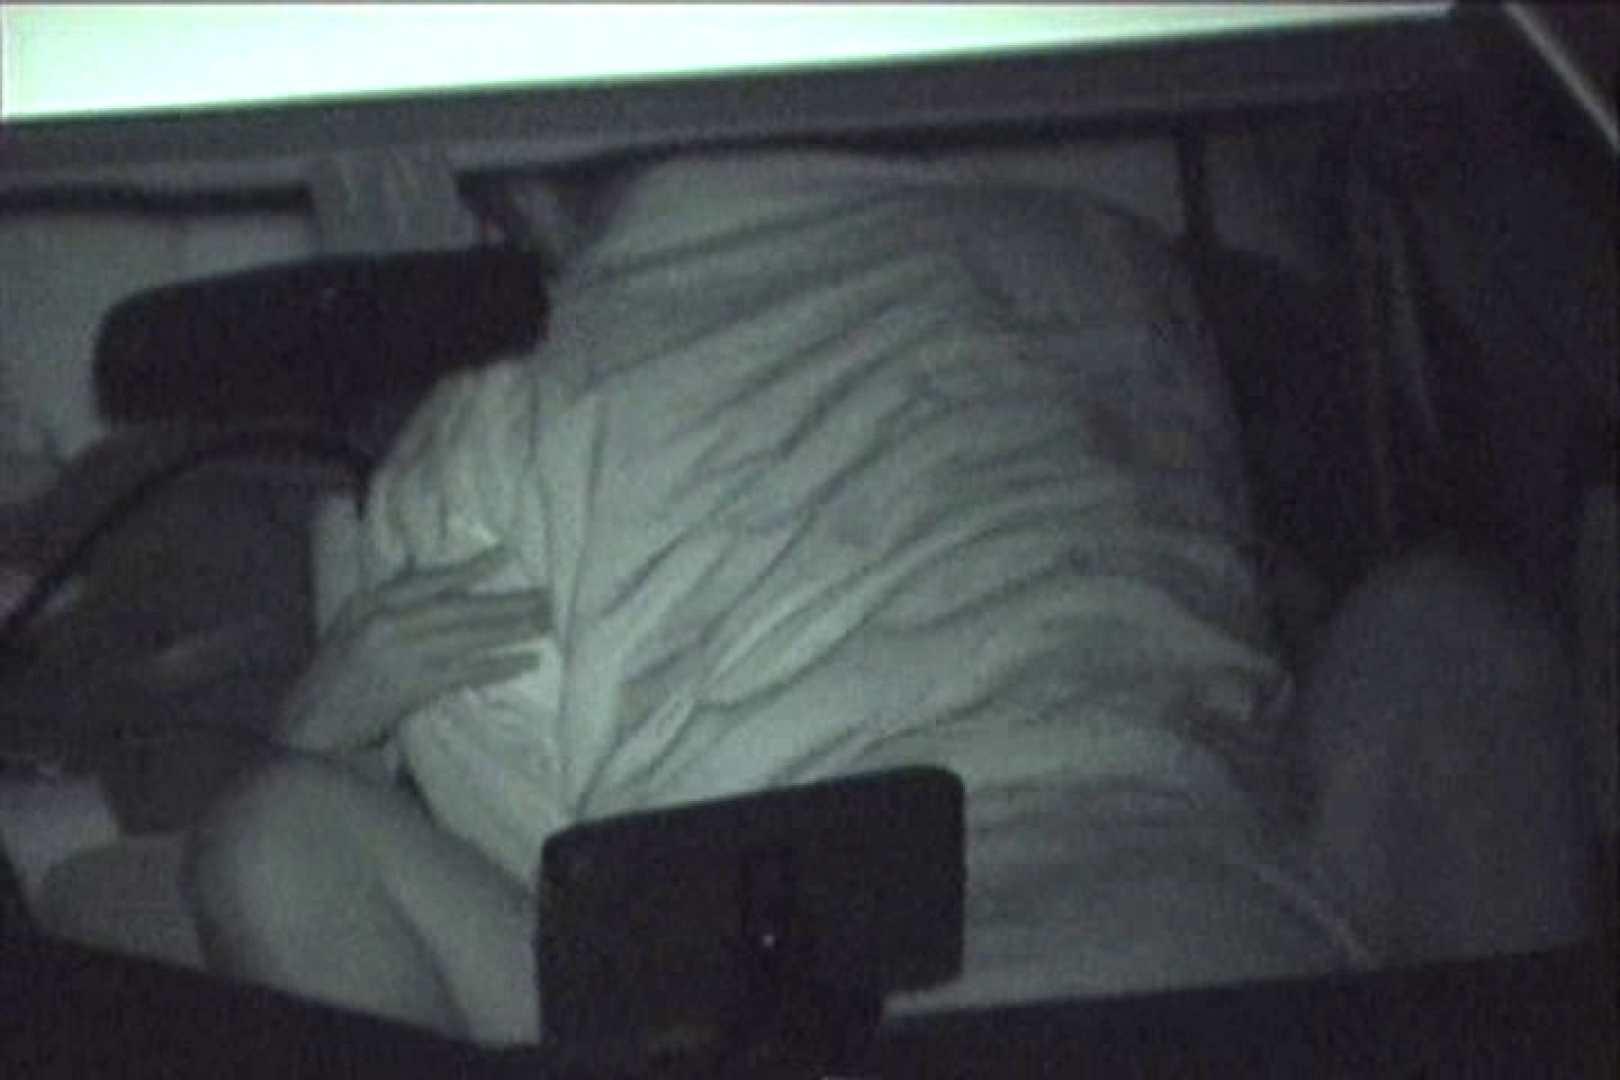 車の中はラブホテル 無修正版  Vol.21 ラブホテル AV動画キャプチャ 83pic 83